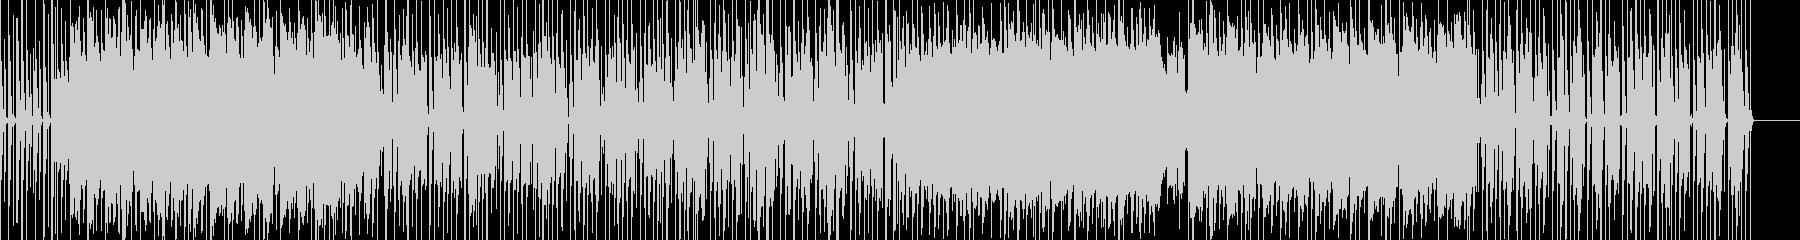 現代的なJpopの未再生の波形